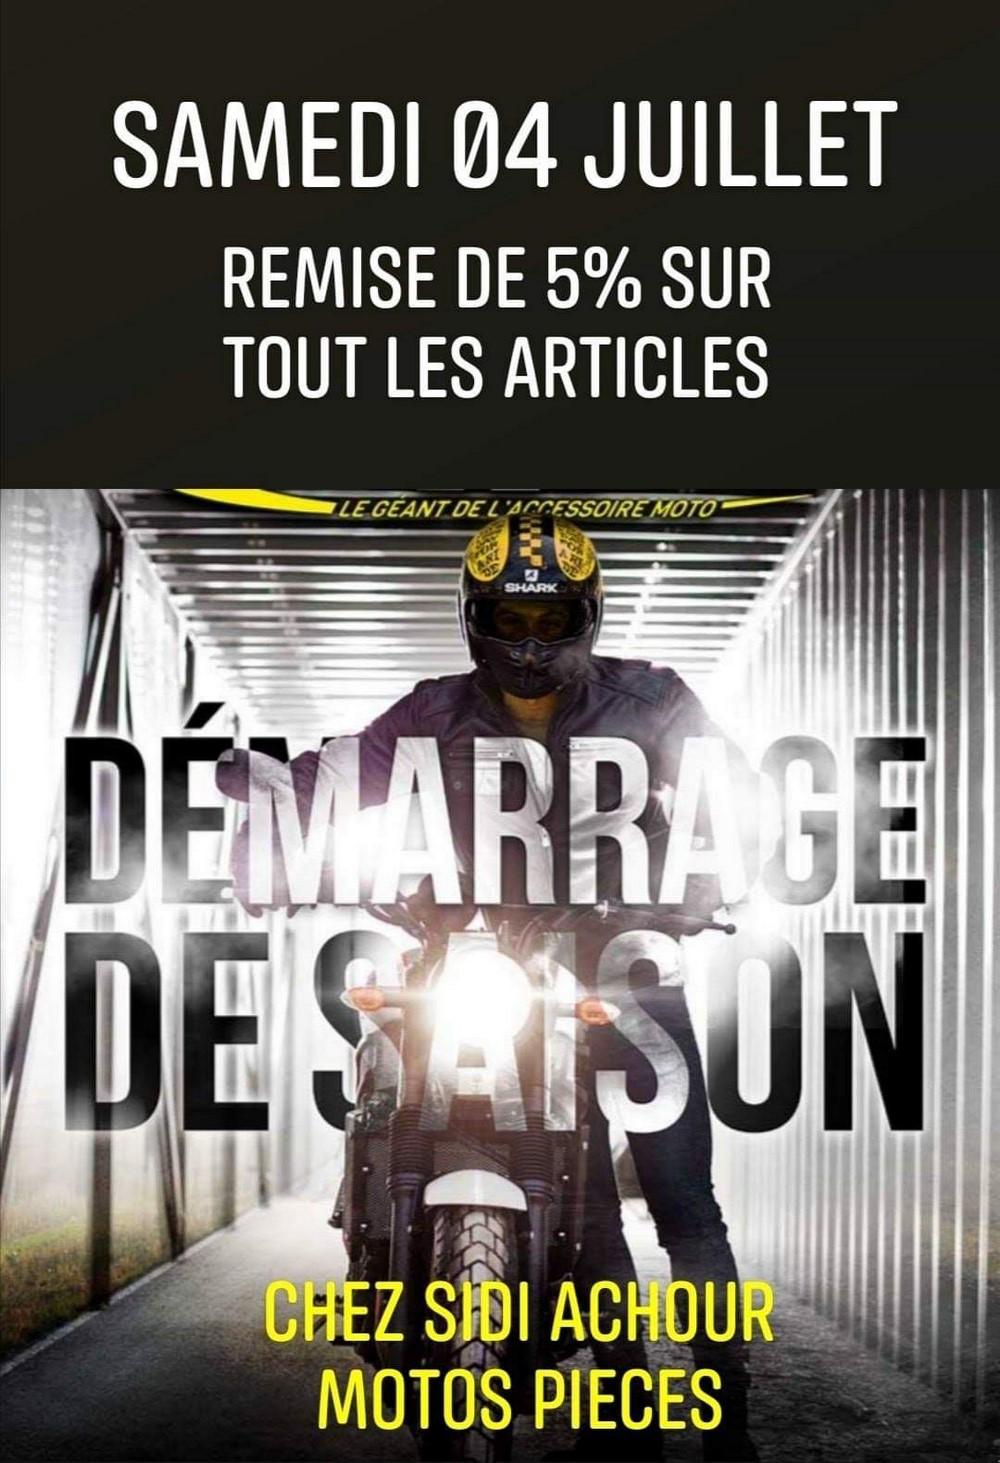 Sidi Achour Motos Pièces : Remise de 5%sur tout le magasin, ce samedi 4 juillet 2020